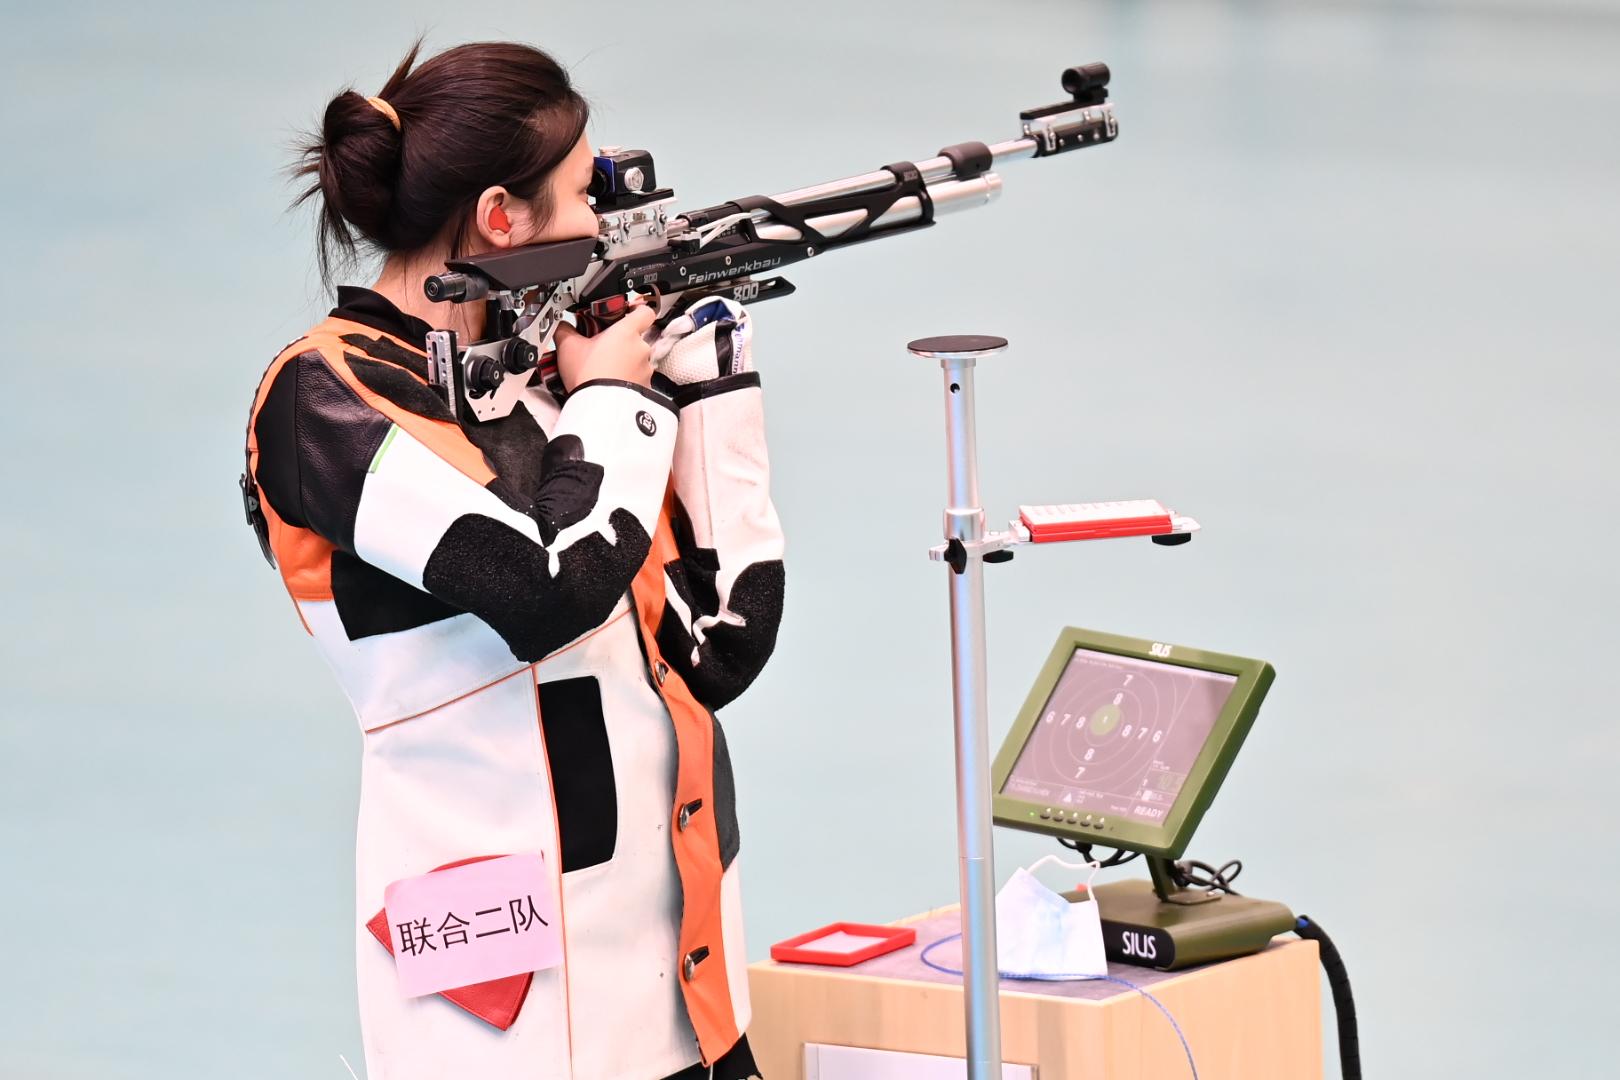 十四运会10米气步枪混合团体赛 河南运动员张雨获铜牌